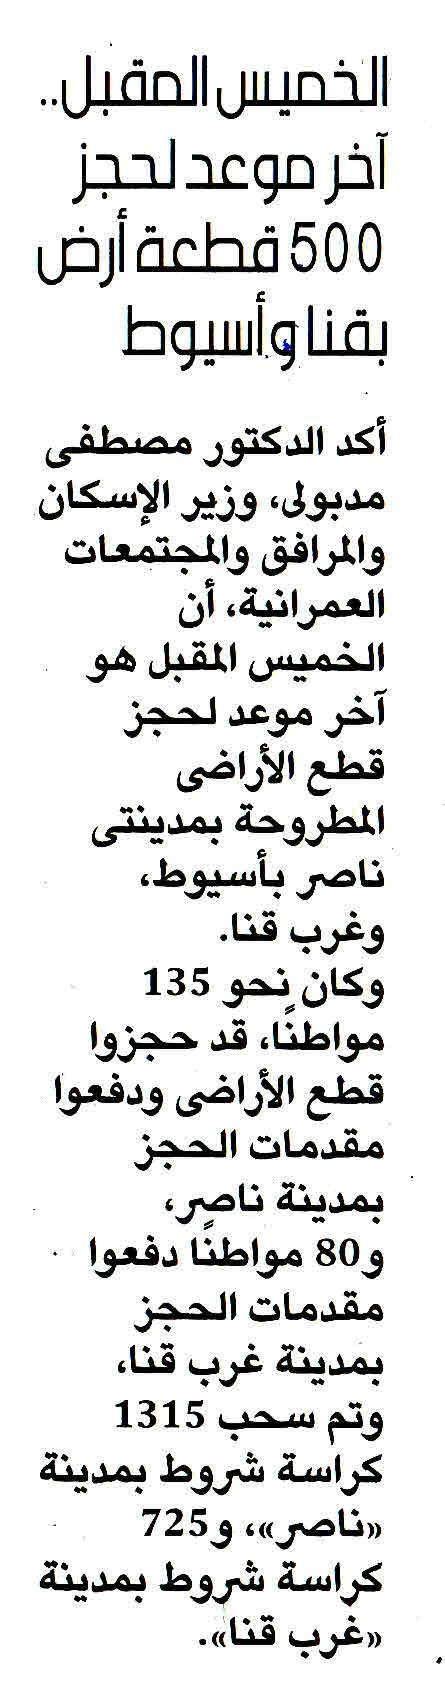 Al Youm 7 23 April P.9 B